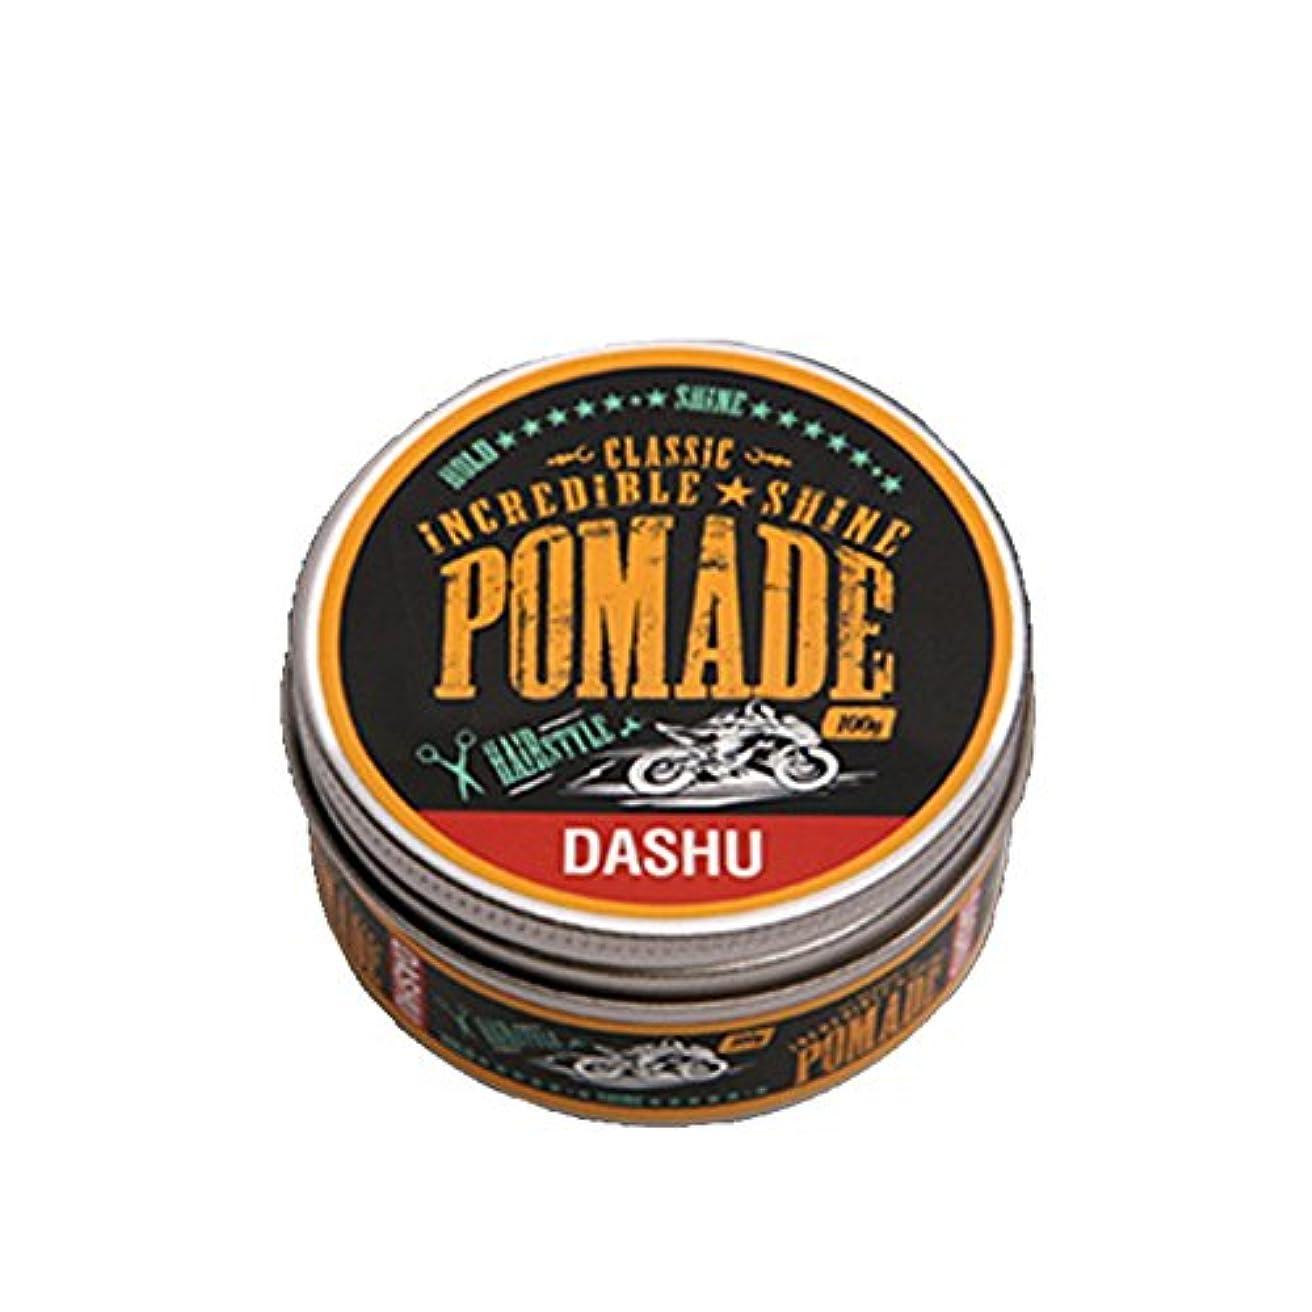 貼り直す認可ホイップ[DASHU] ダシュ クラシック 信じられないほどの輝き ポマードワックス Classic Incredible Shine Pomade Hair Wax 100ml / 韓国製 . 韓国直送品